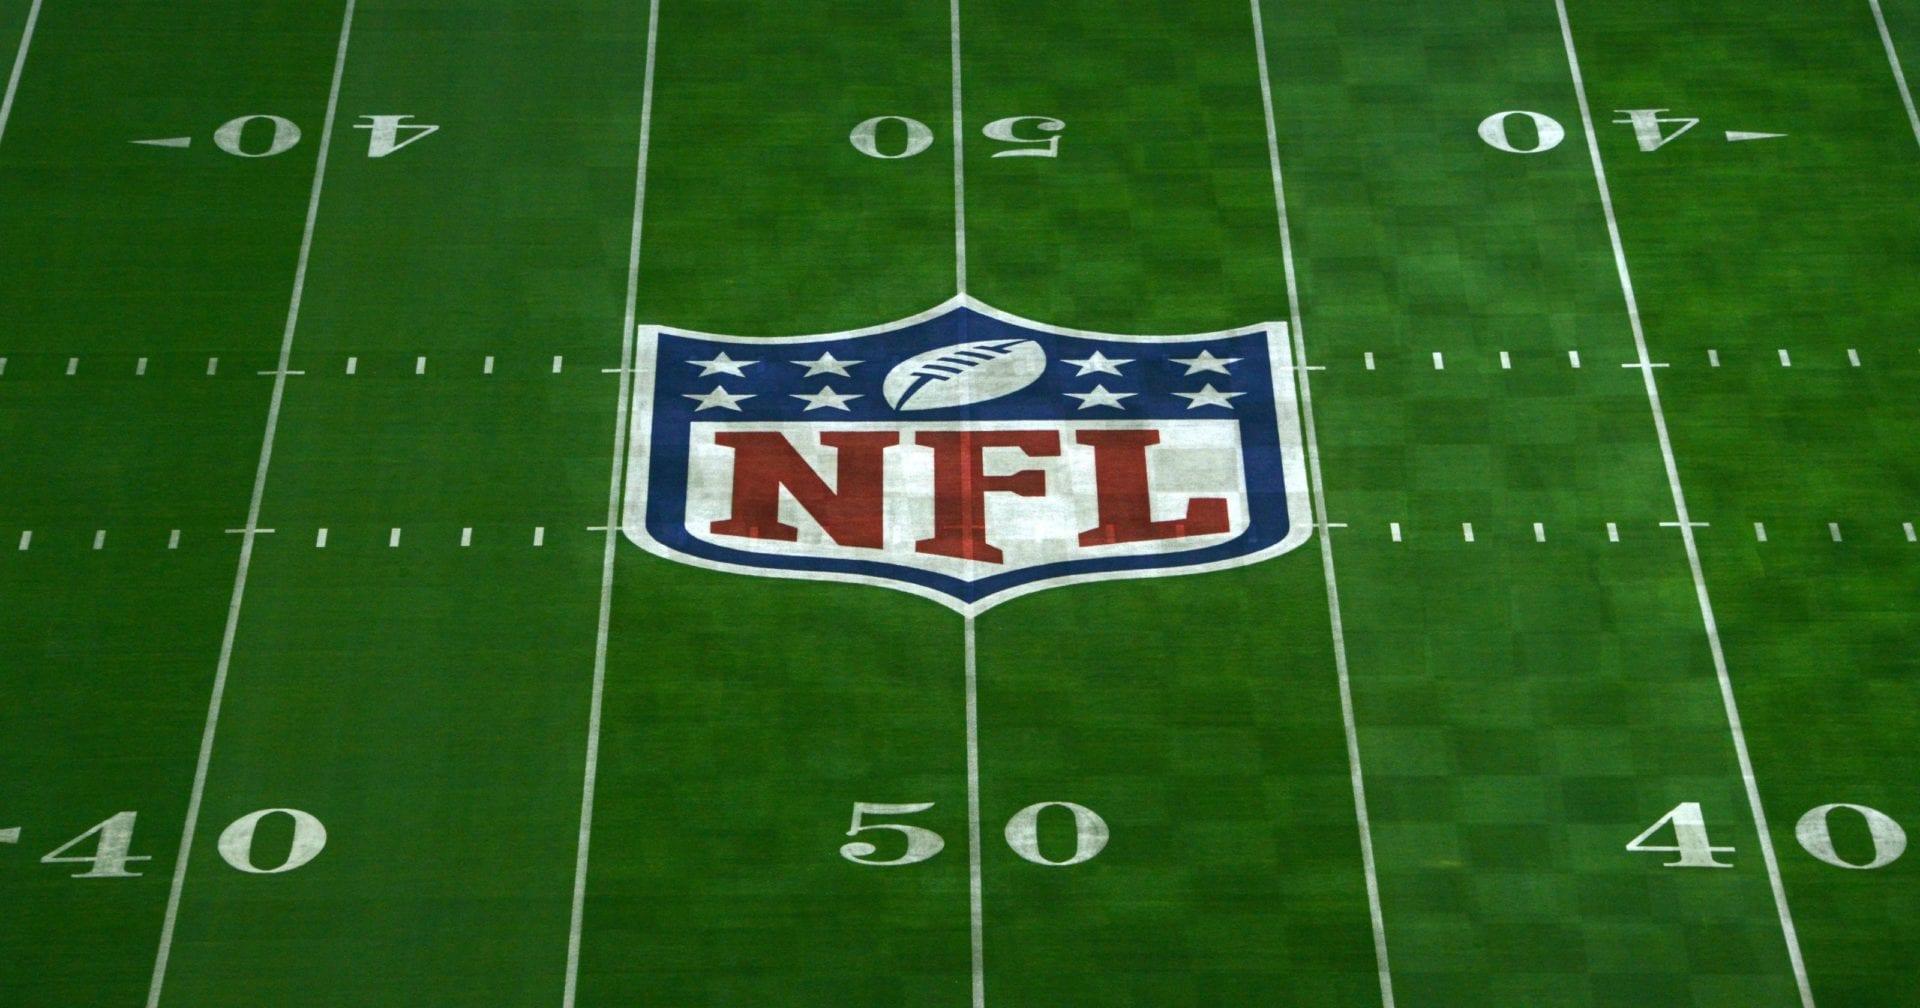 NFL Field